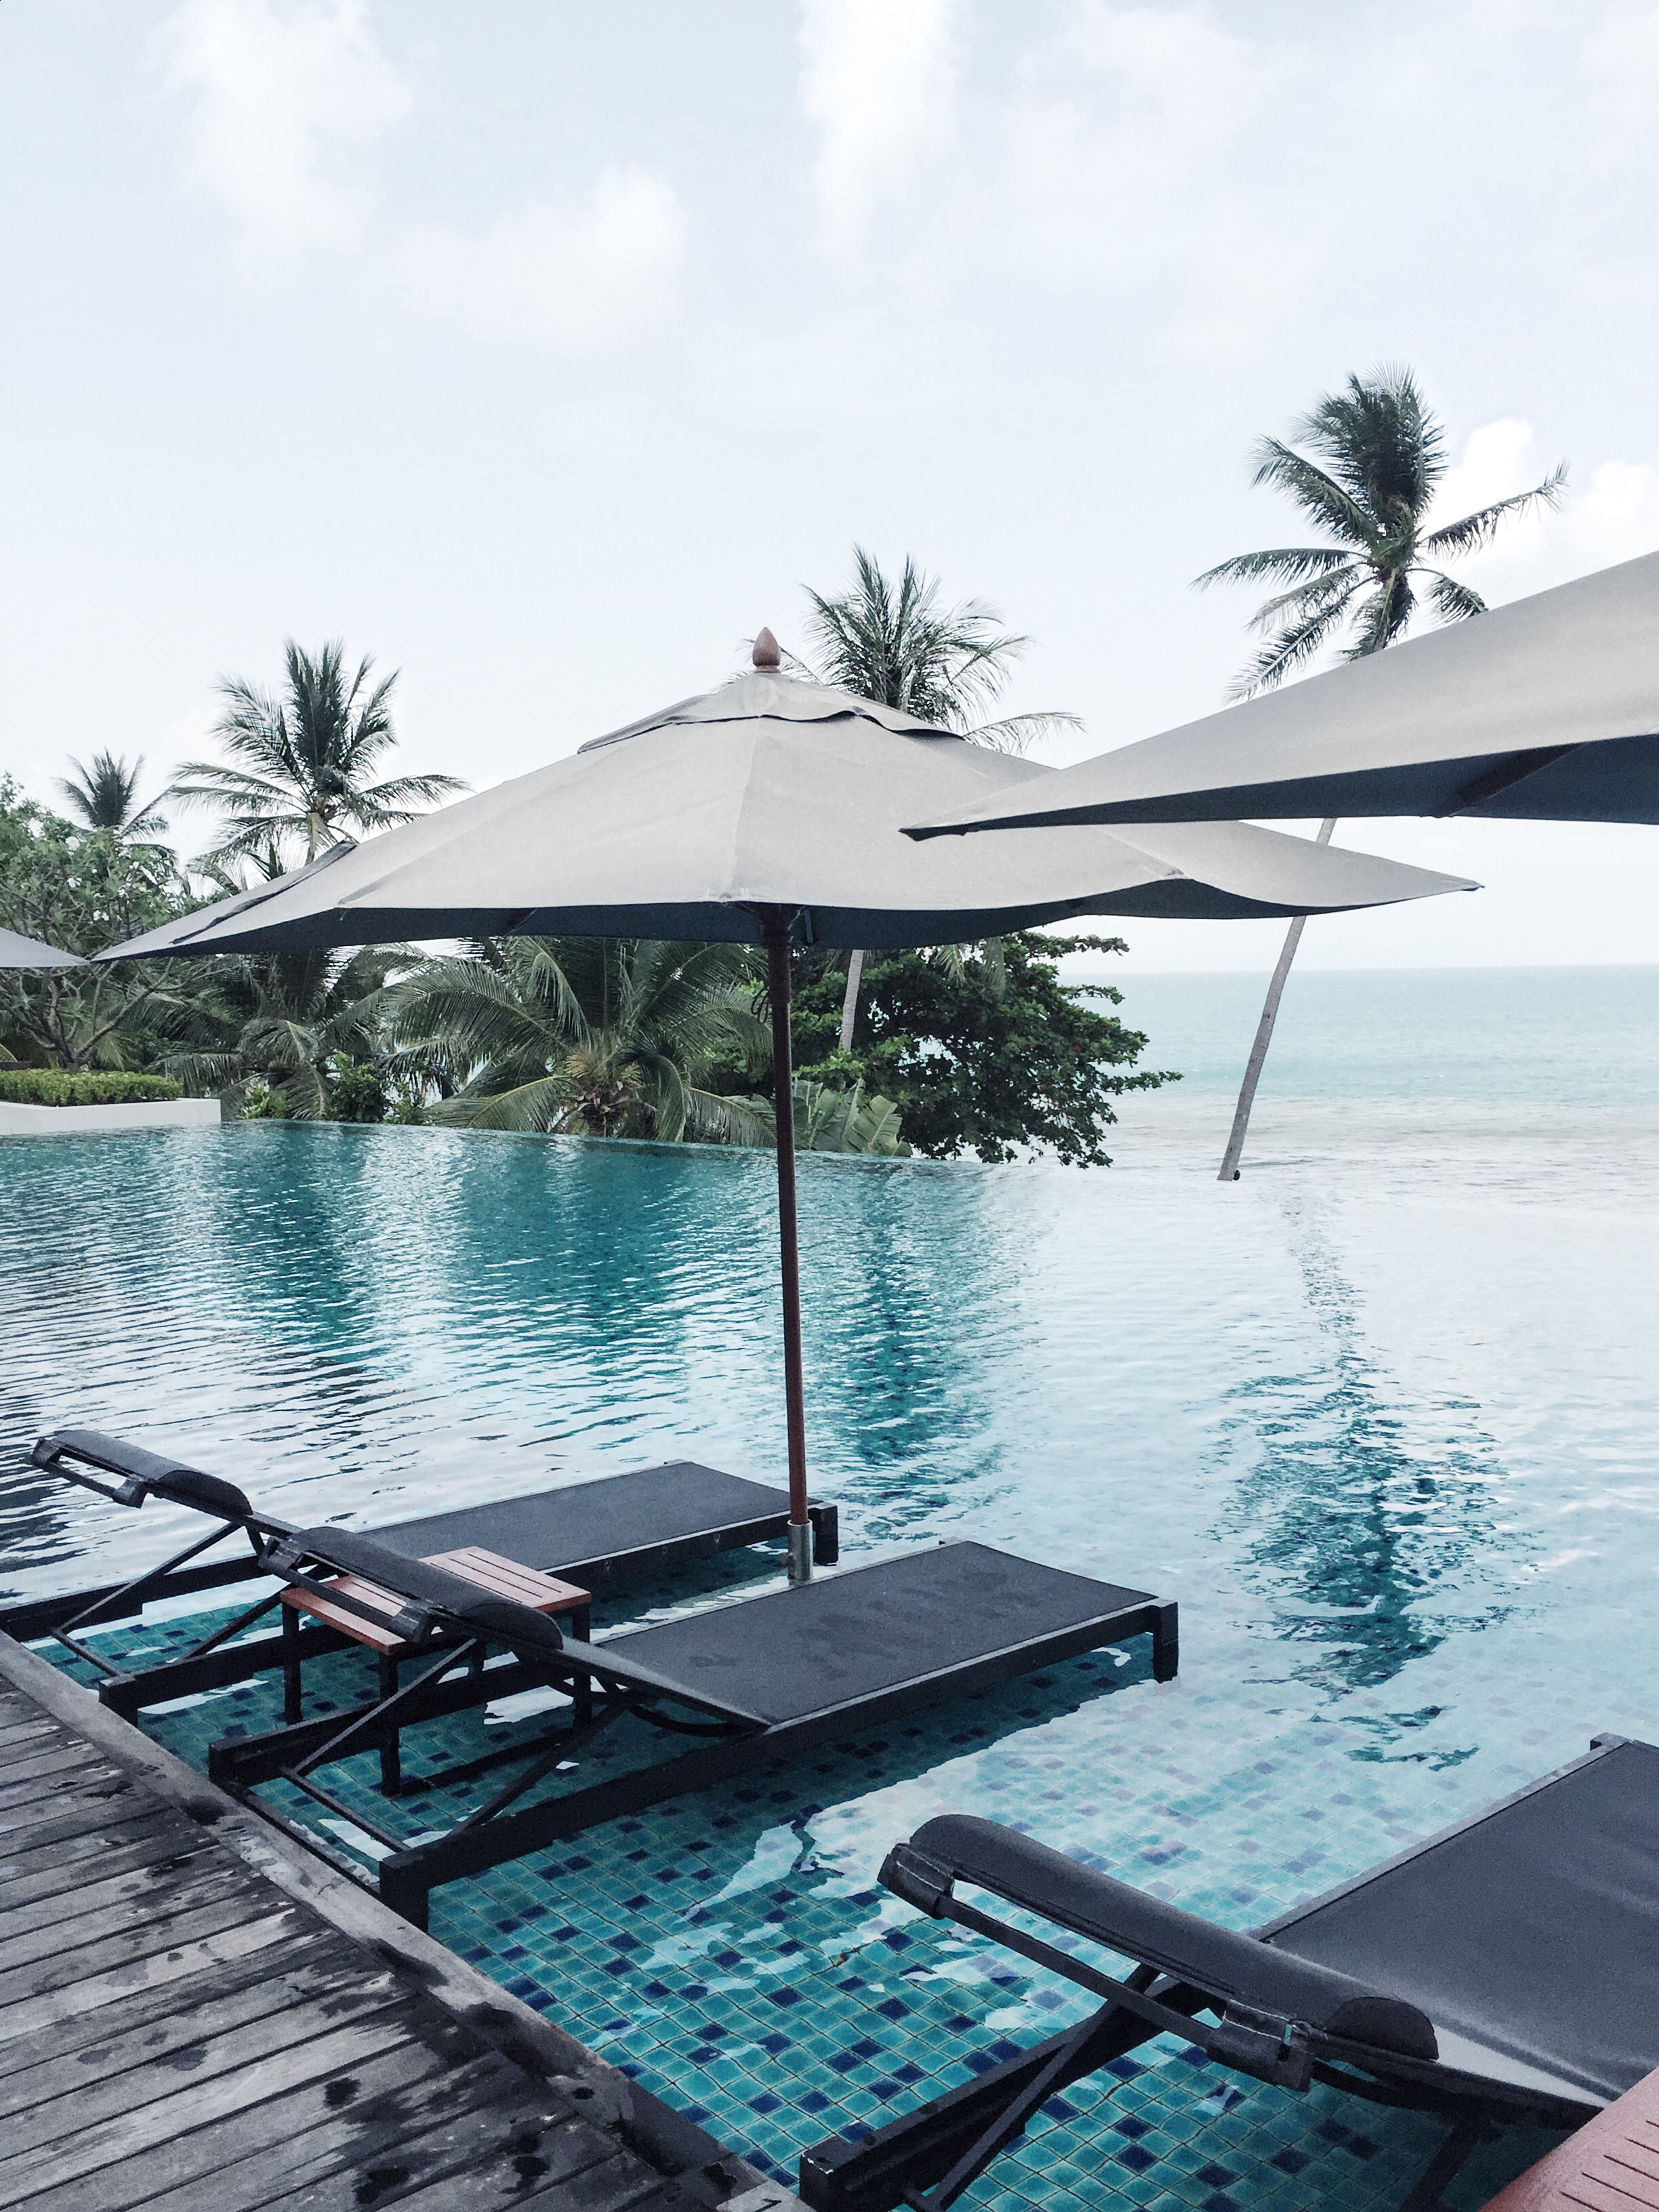 Conrad Hotel, Koh Samui